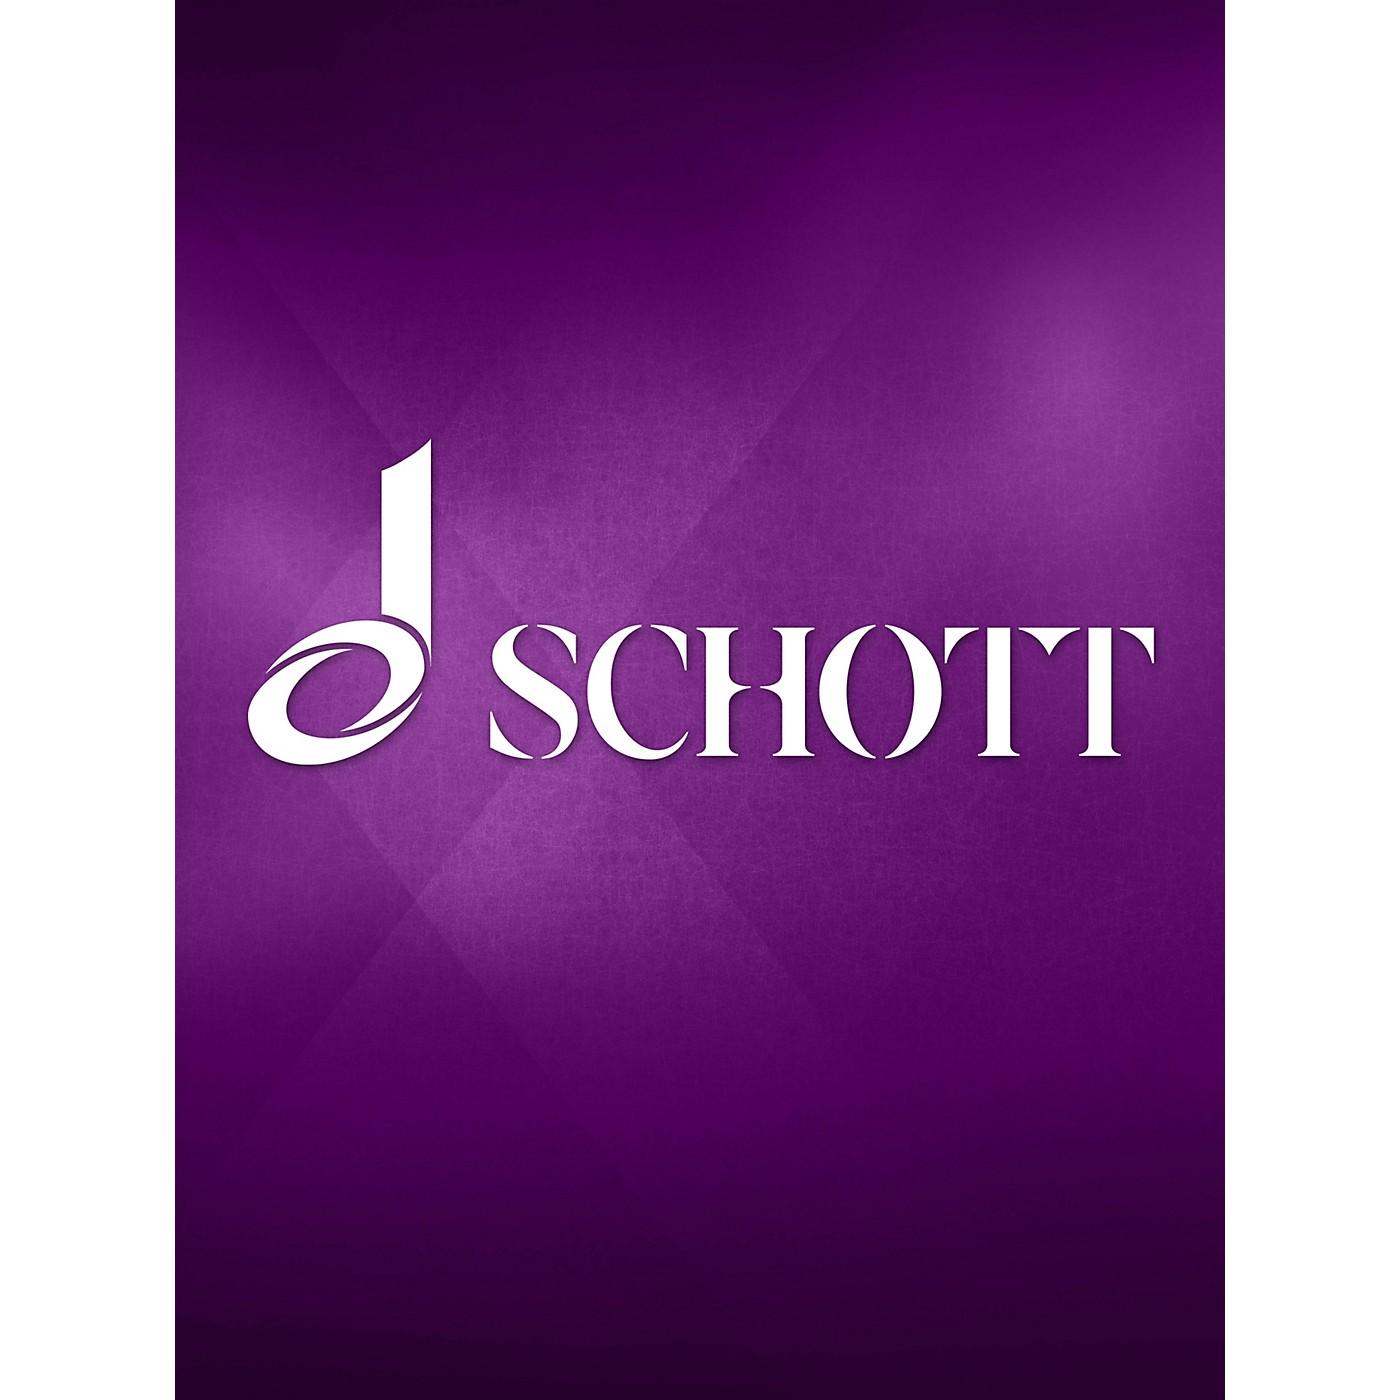 Schott Trumpet Allegro Op. 58, No. 2 (Trumpet and Piano) Schott Series thumbnail